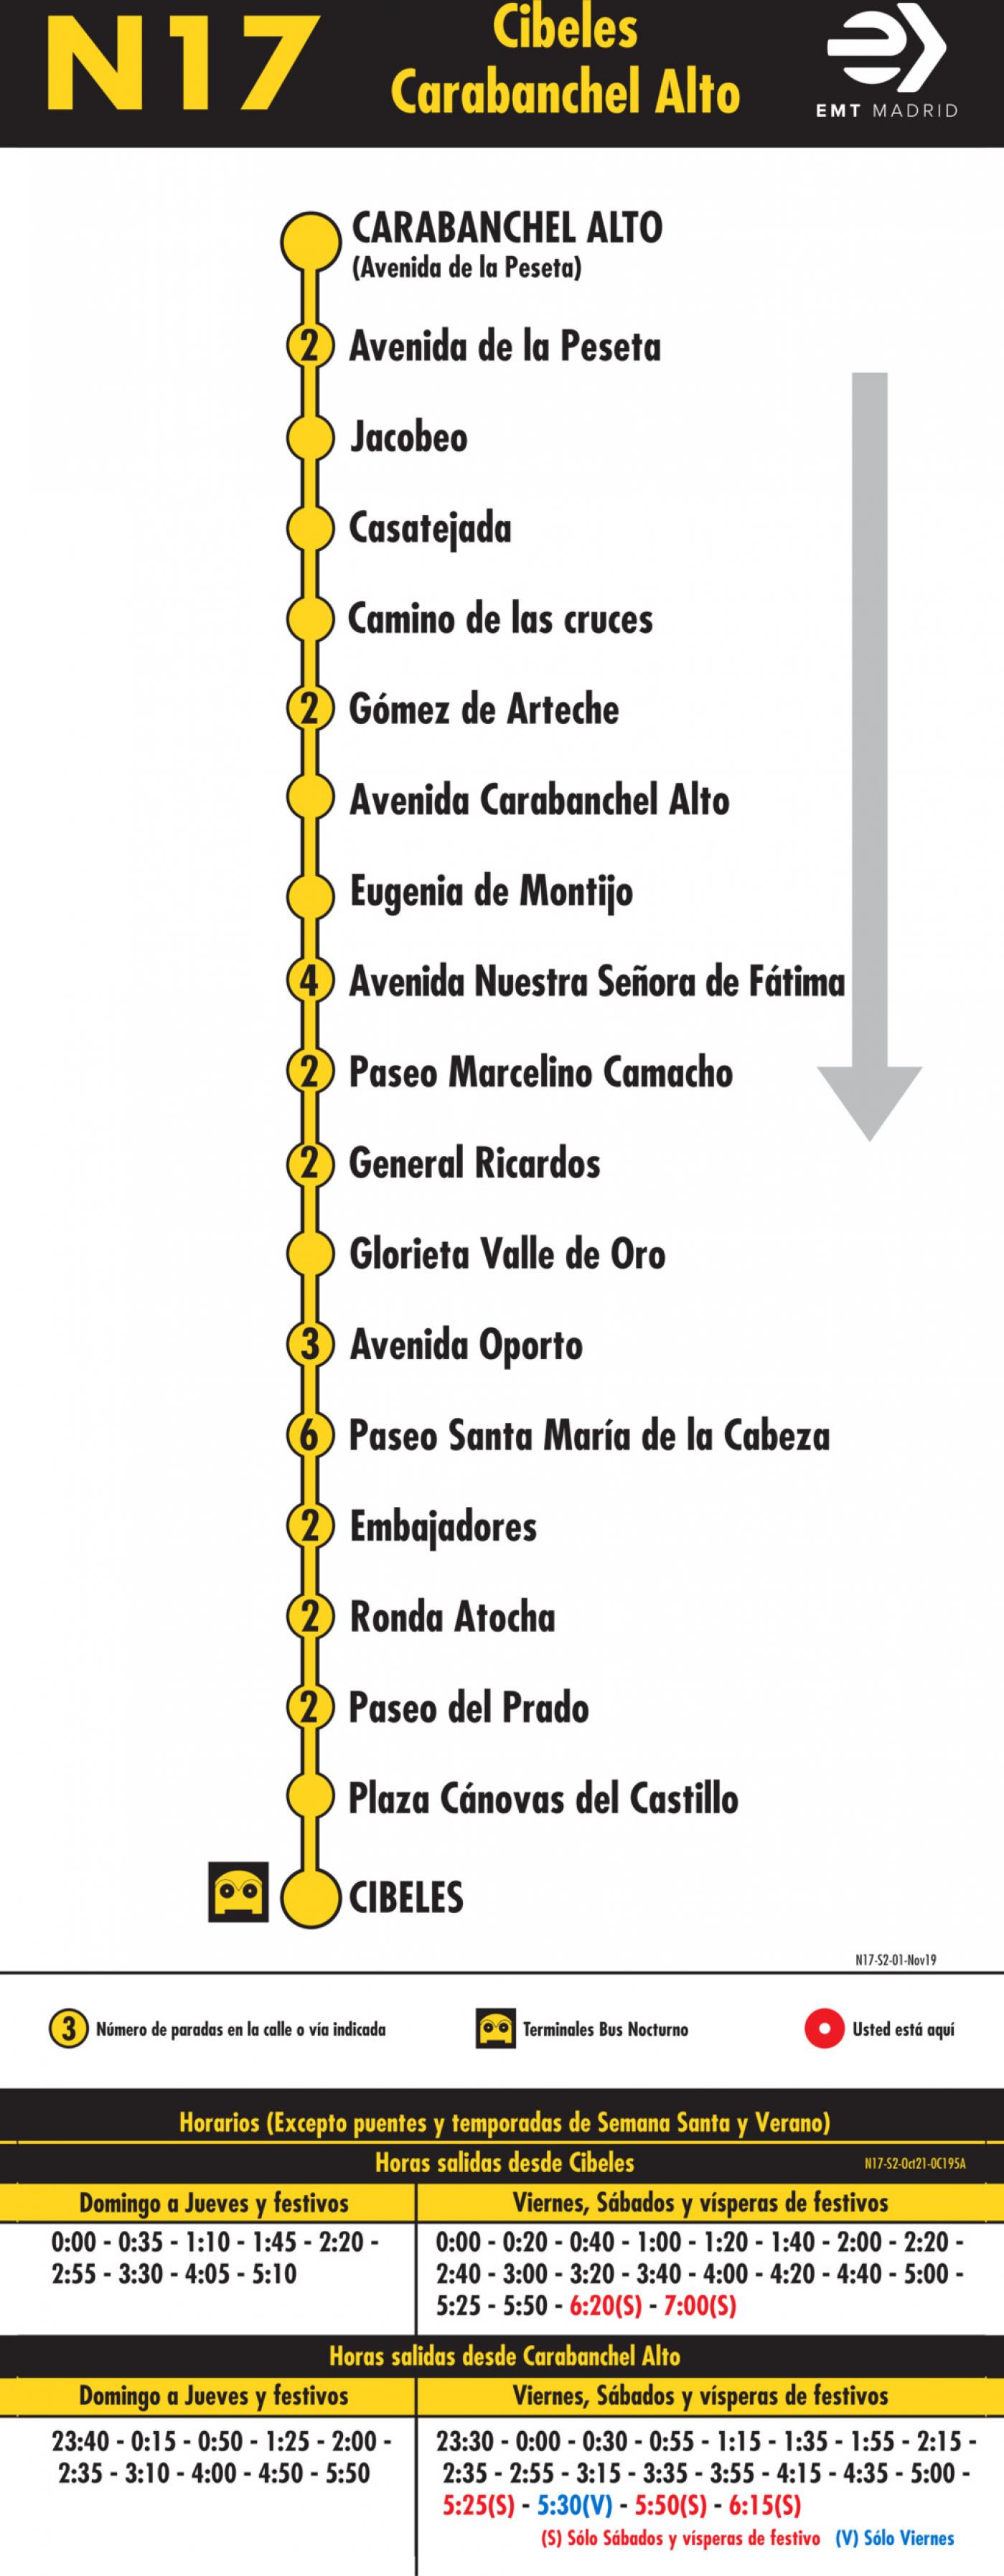 Tabla de horarios y frecuencias de paso en sentido vuelta Línea N17: Plaza de Cibeles - Carabanchel Alto (búho)